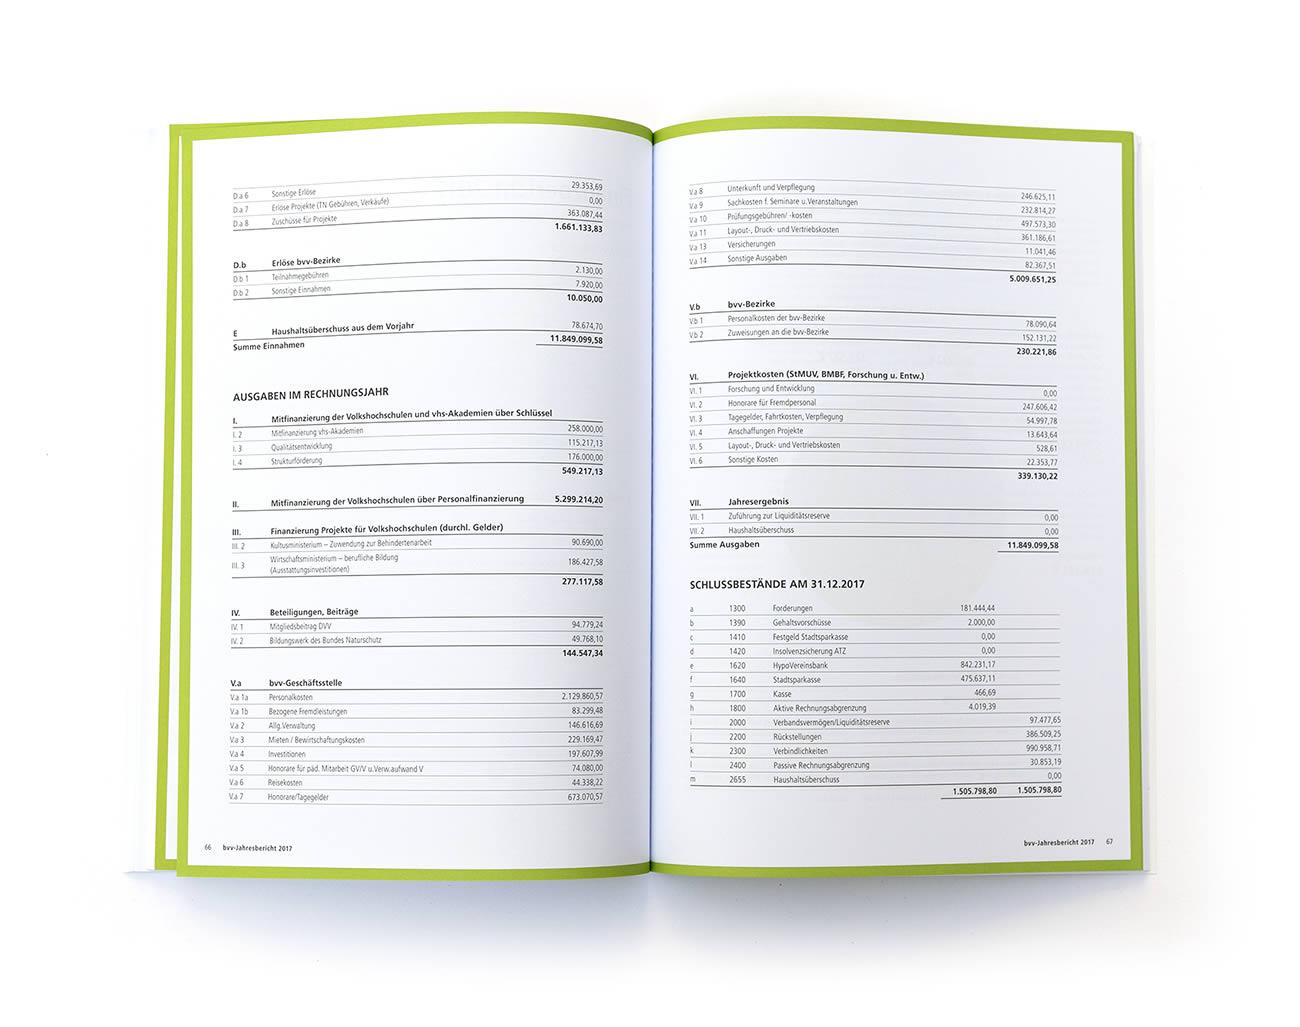 Petra Zimmerer, Büro für Gestaltung, Editorial, bvv Jahresbericht 2018, Bayerischer Volkshochschulverband, Design by pz